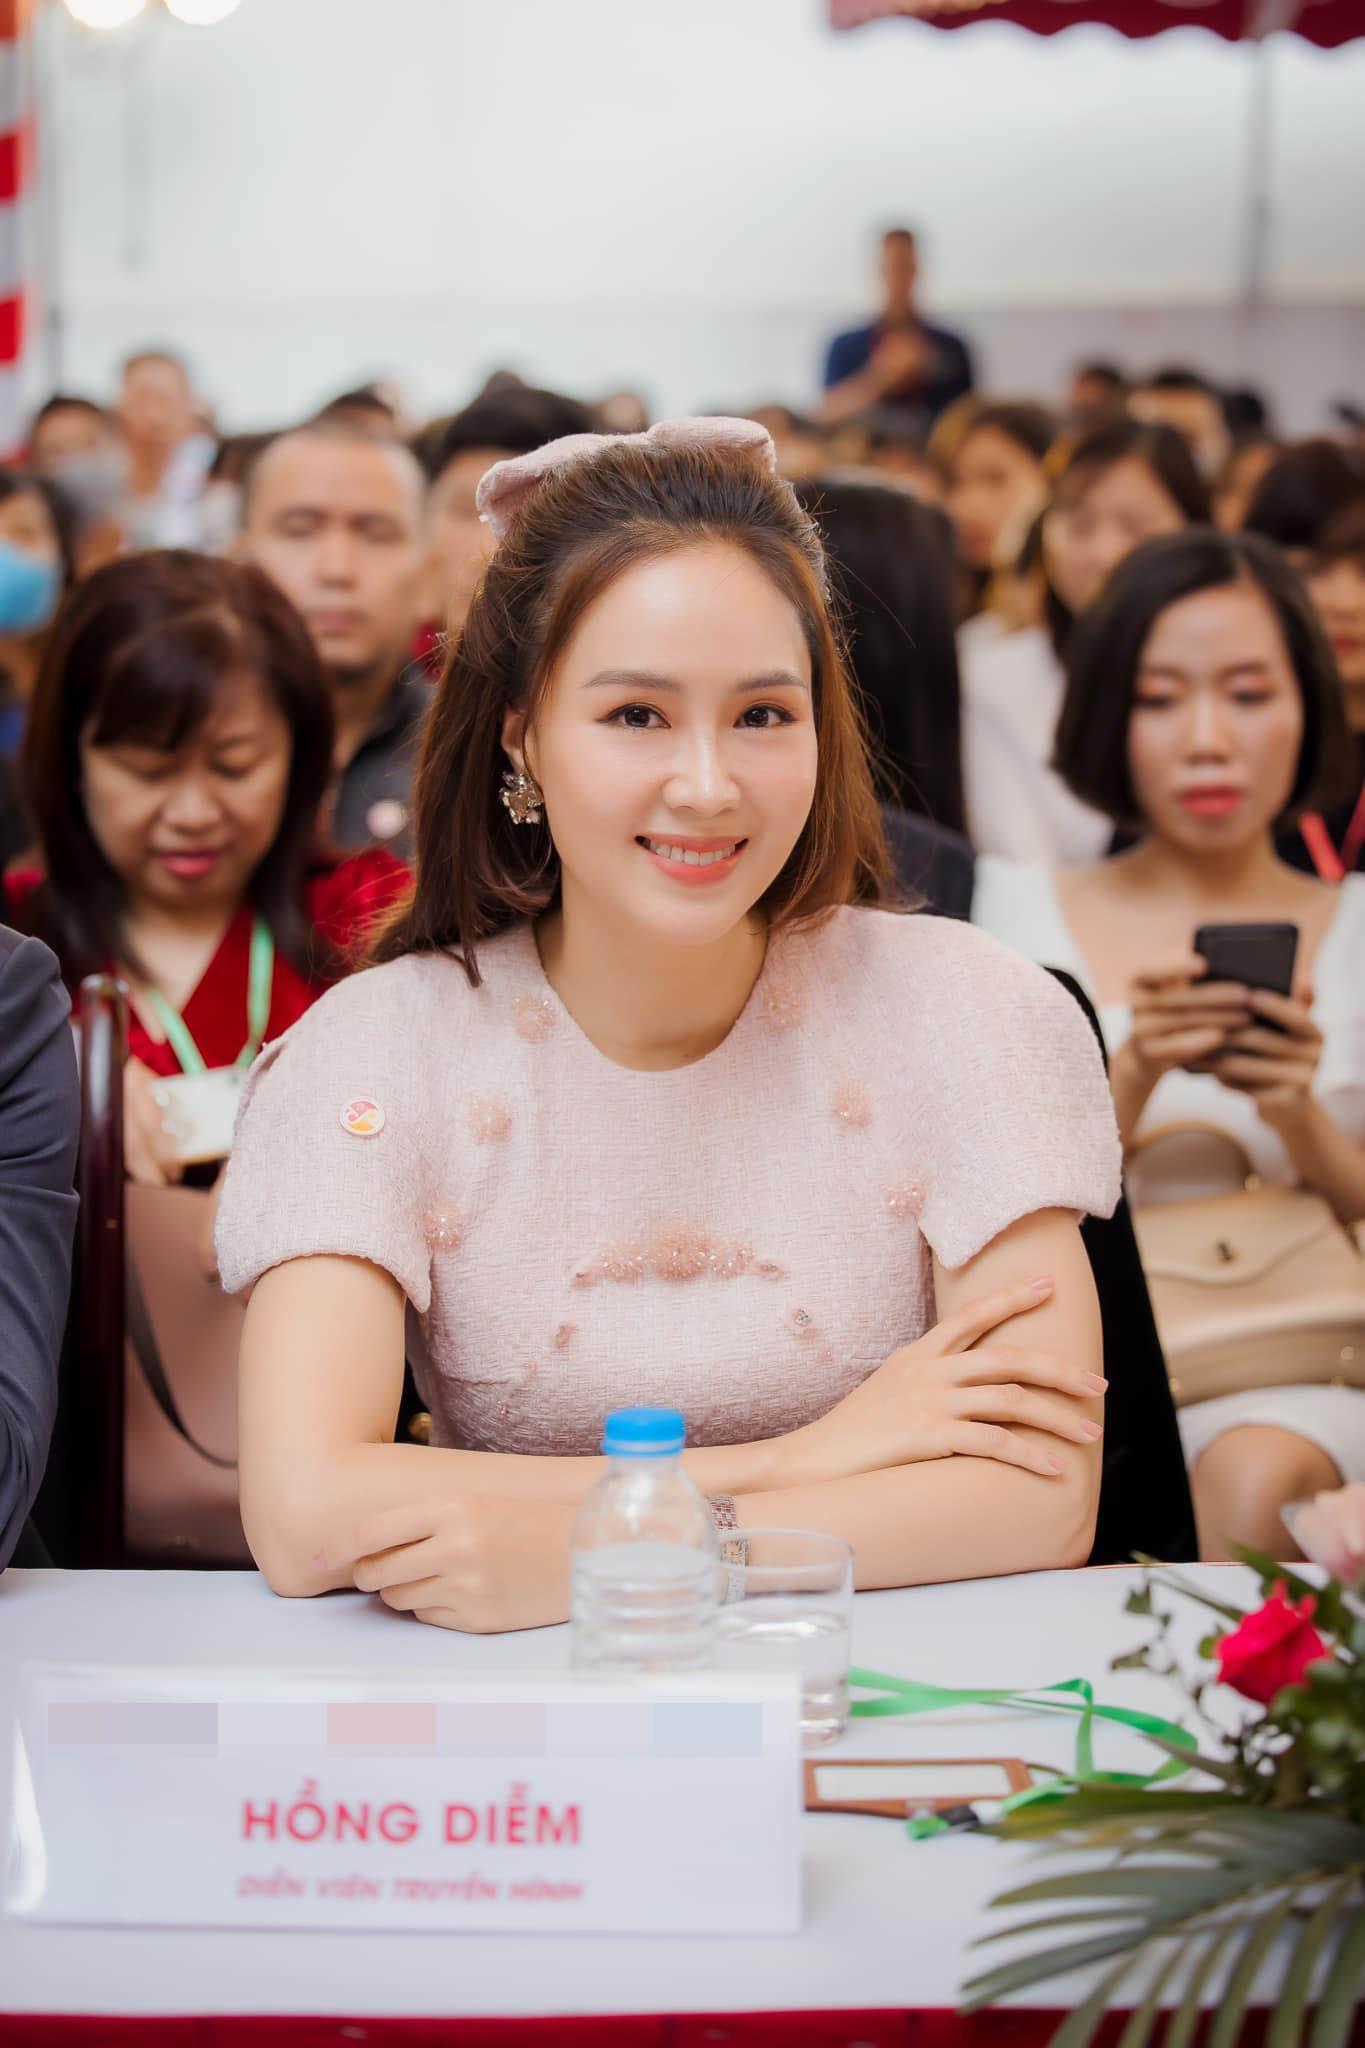 Hồng Diễm hoá thân nàng công chúa tuổi U40, không váy đầm bồng bềnh vẫn đẹp vượt mặt đàn em - 3